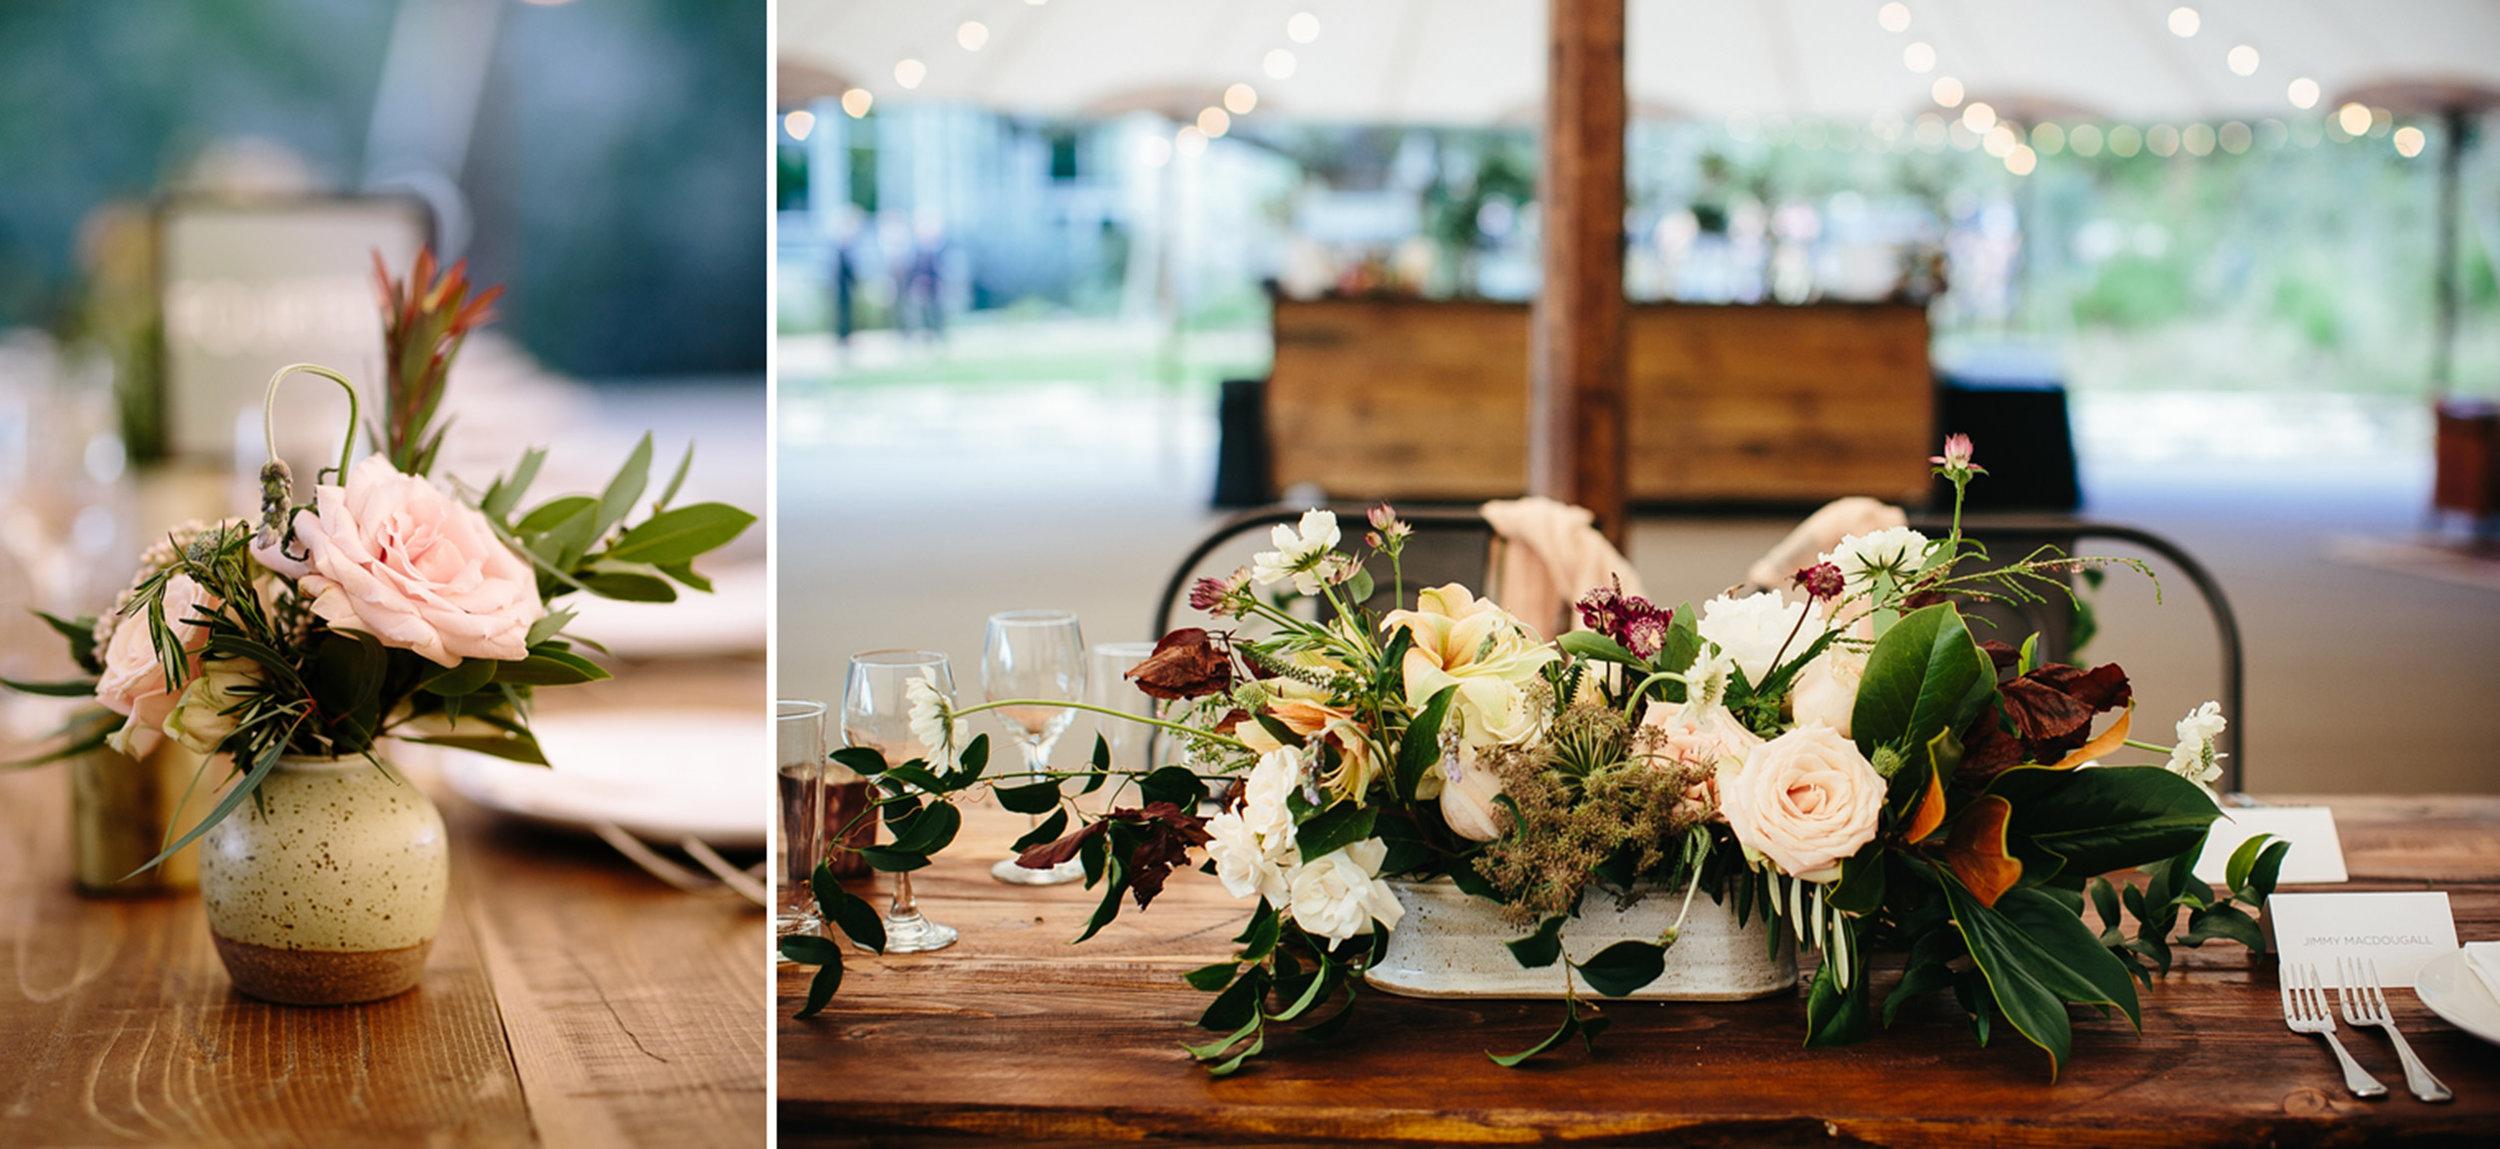 austin_WeddingPhotographer_047.jpg